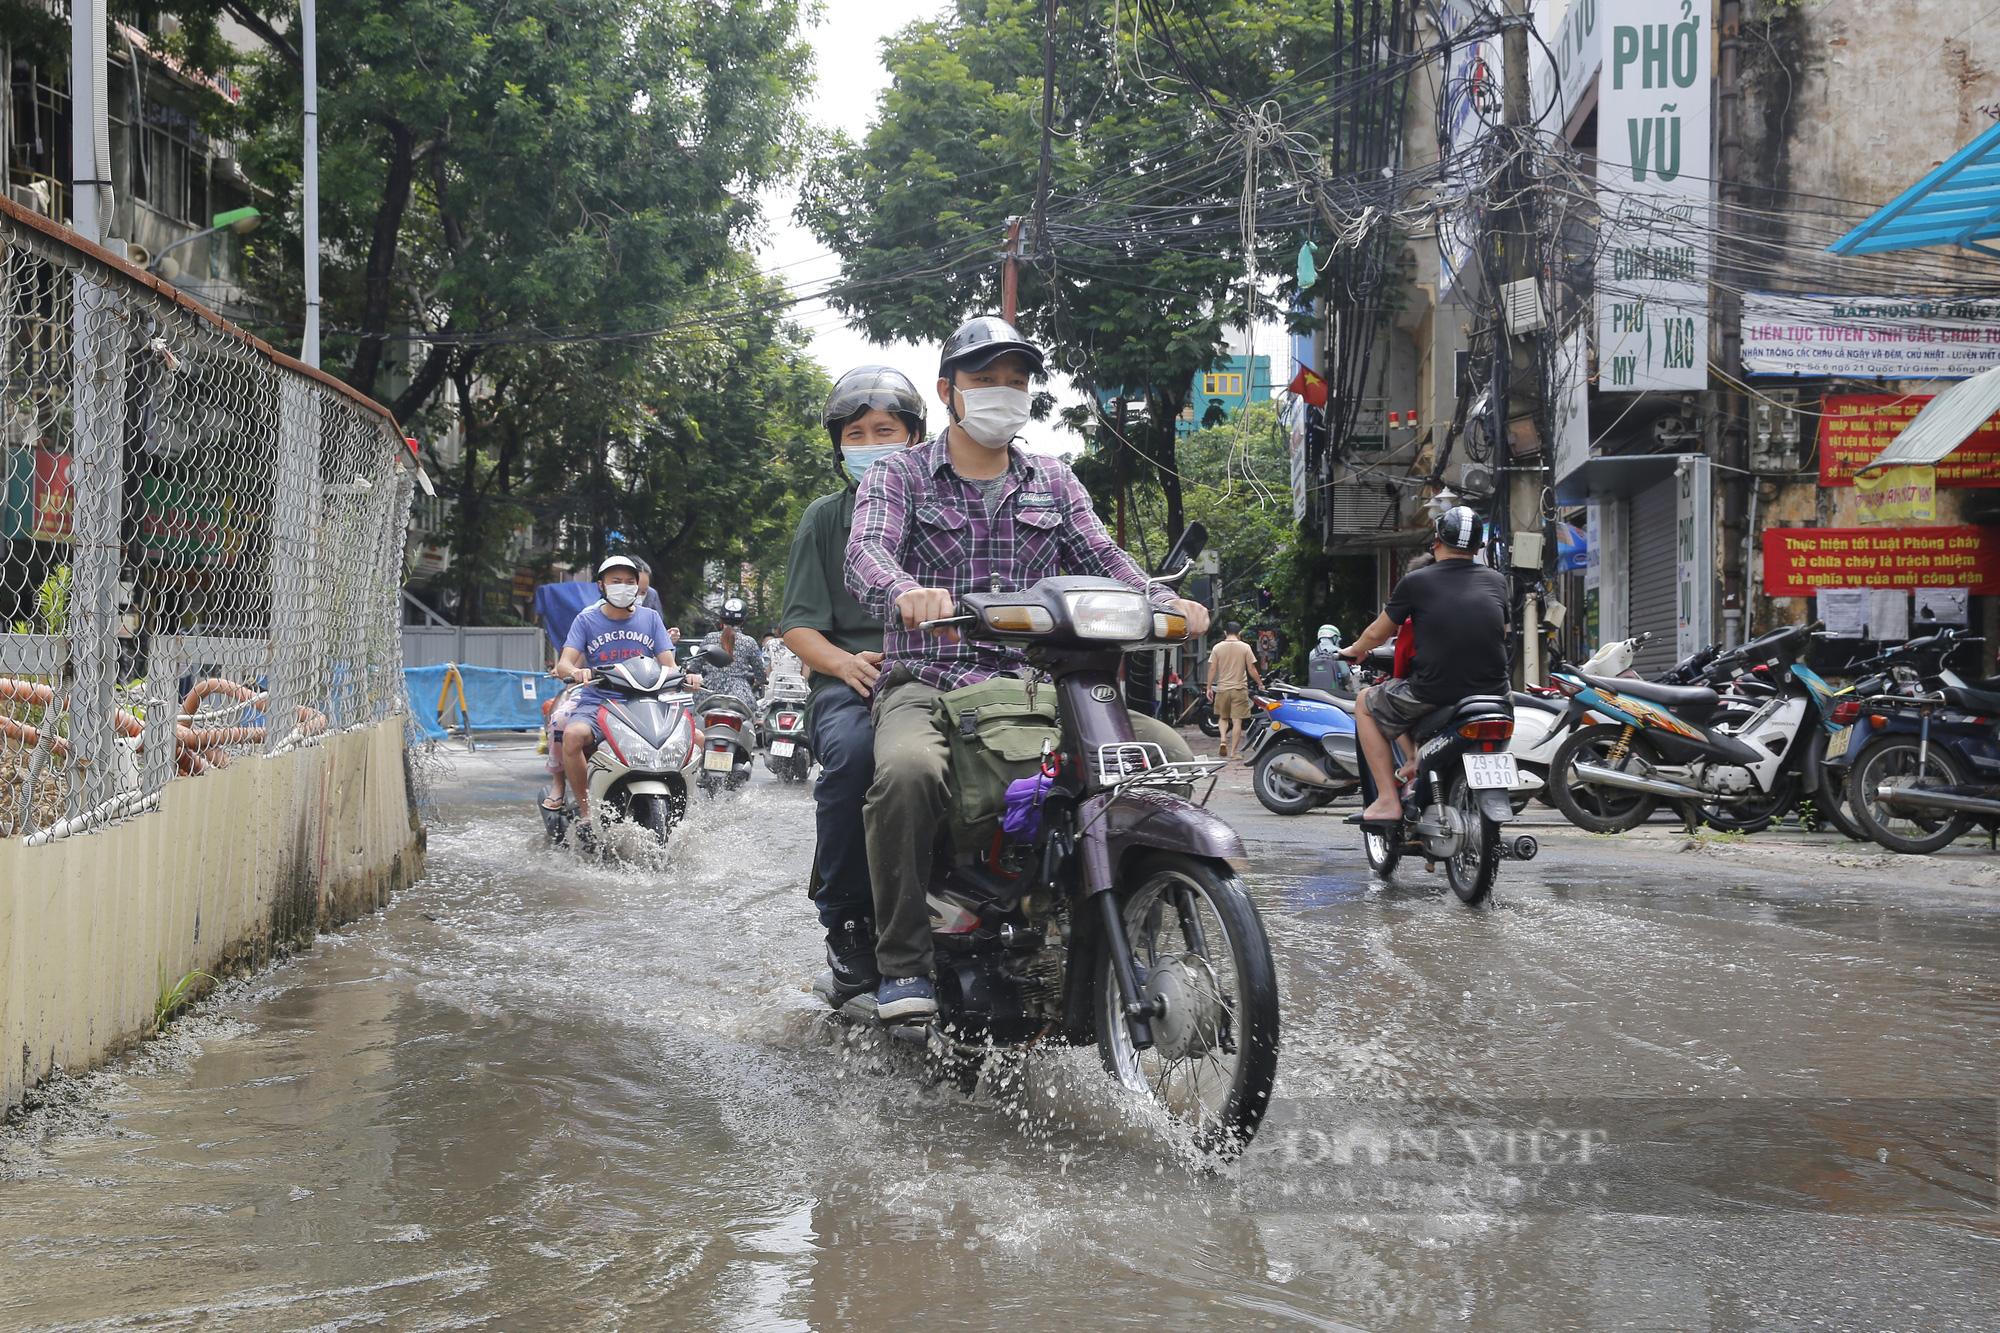 Cận cảnh khu vực ga ngầm tuyến Metro Nhổn - ga Hà Nội bị dừng thi công - Ảnh 8.